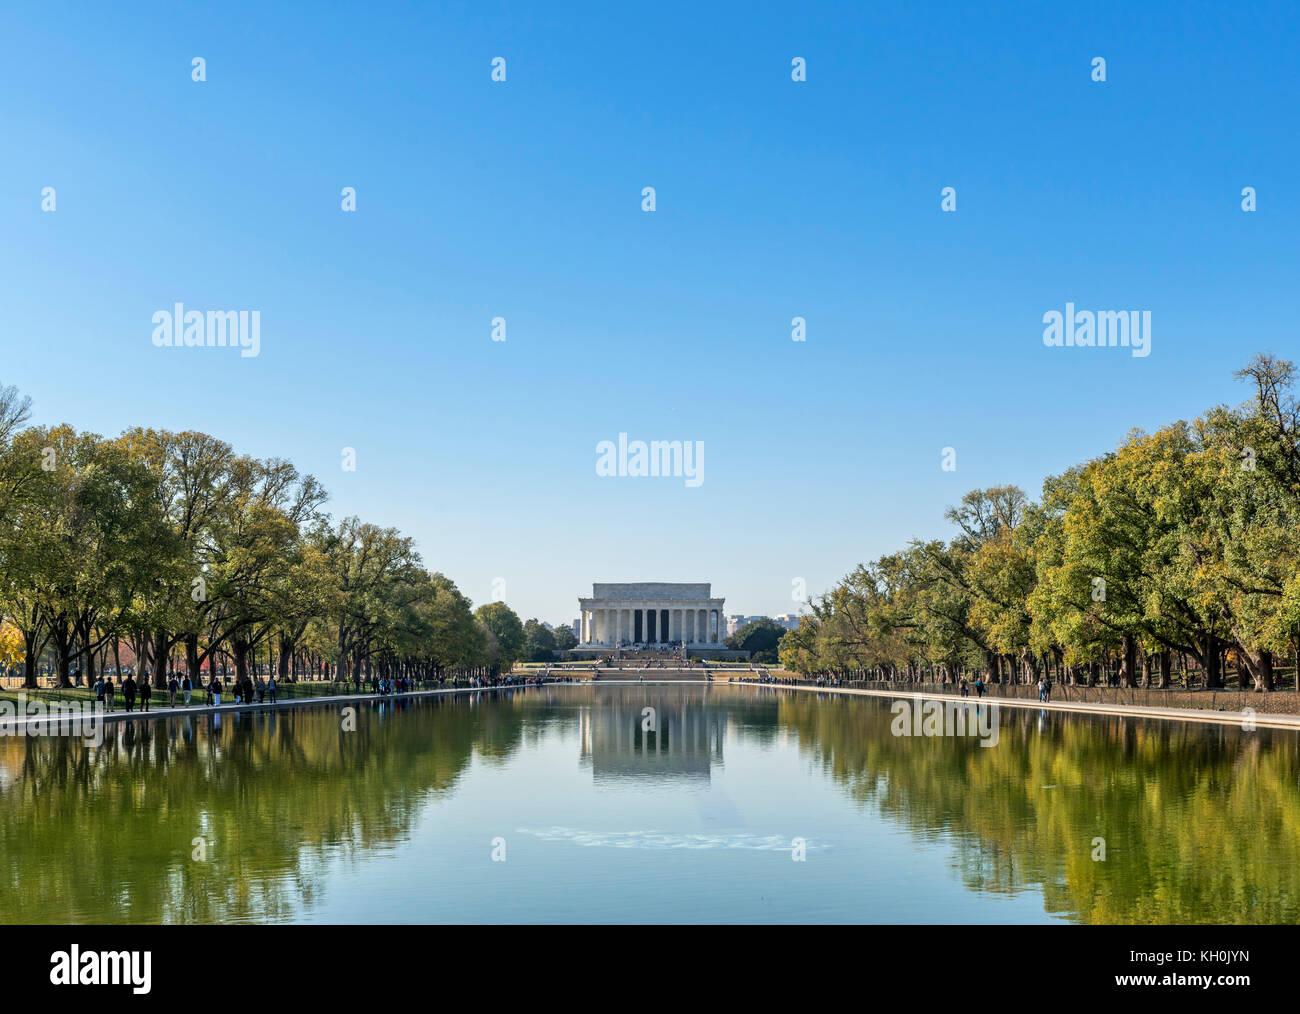 The Lincoln Memorial and Reflecting Pool, Washington DC, USA - Stock Image